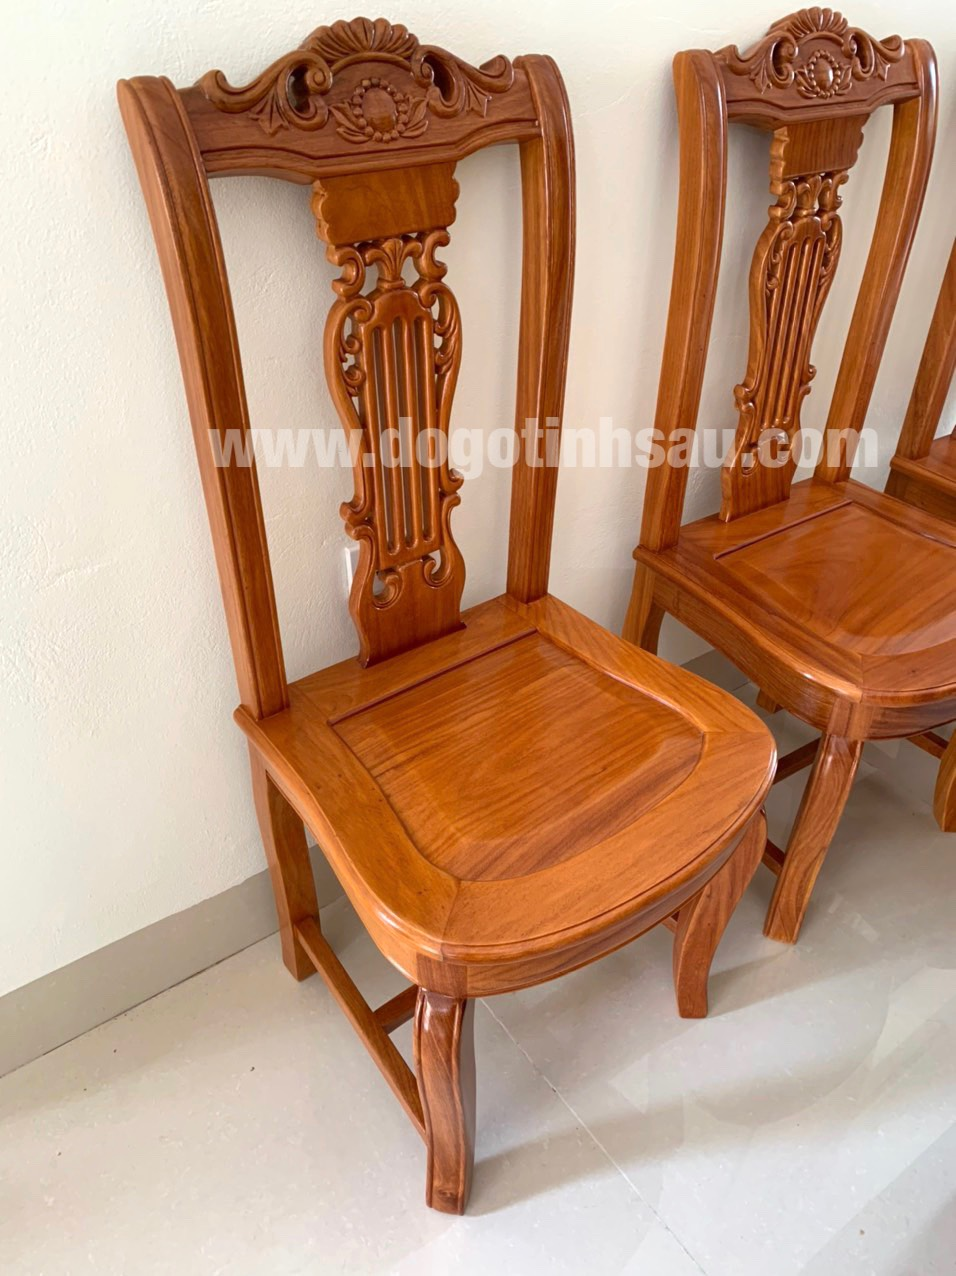 ghe an go go do hinh cay dan - Bộ bàn ăn bầu dục 10 ghế hình cây đàn gỗ gõ đỏ (trụ 16)